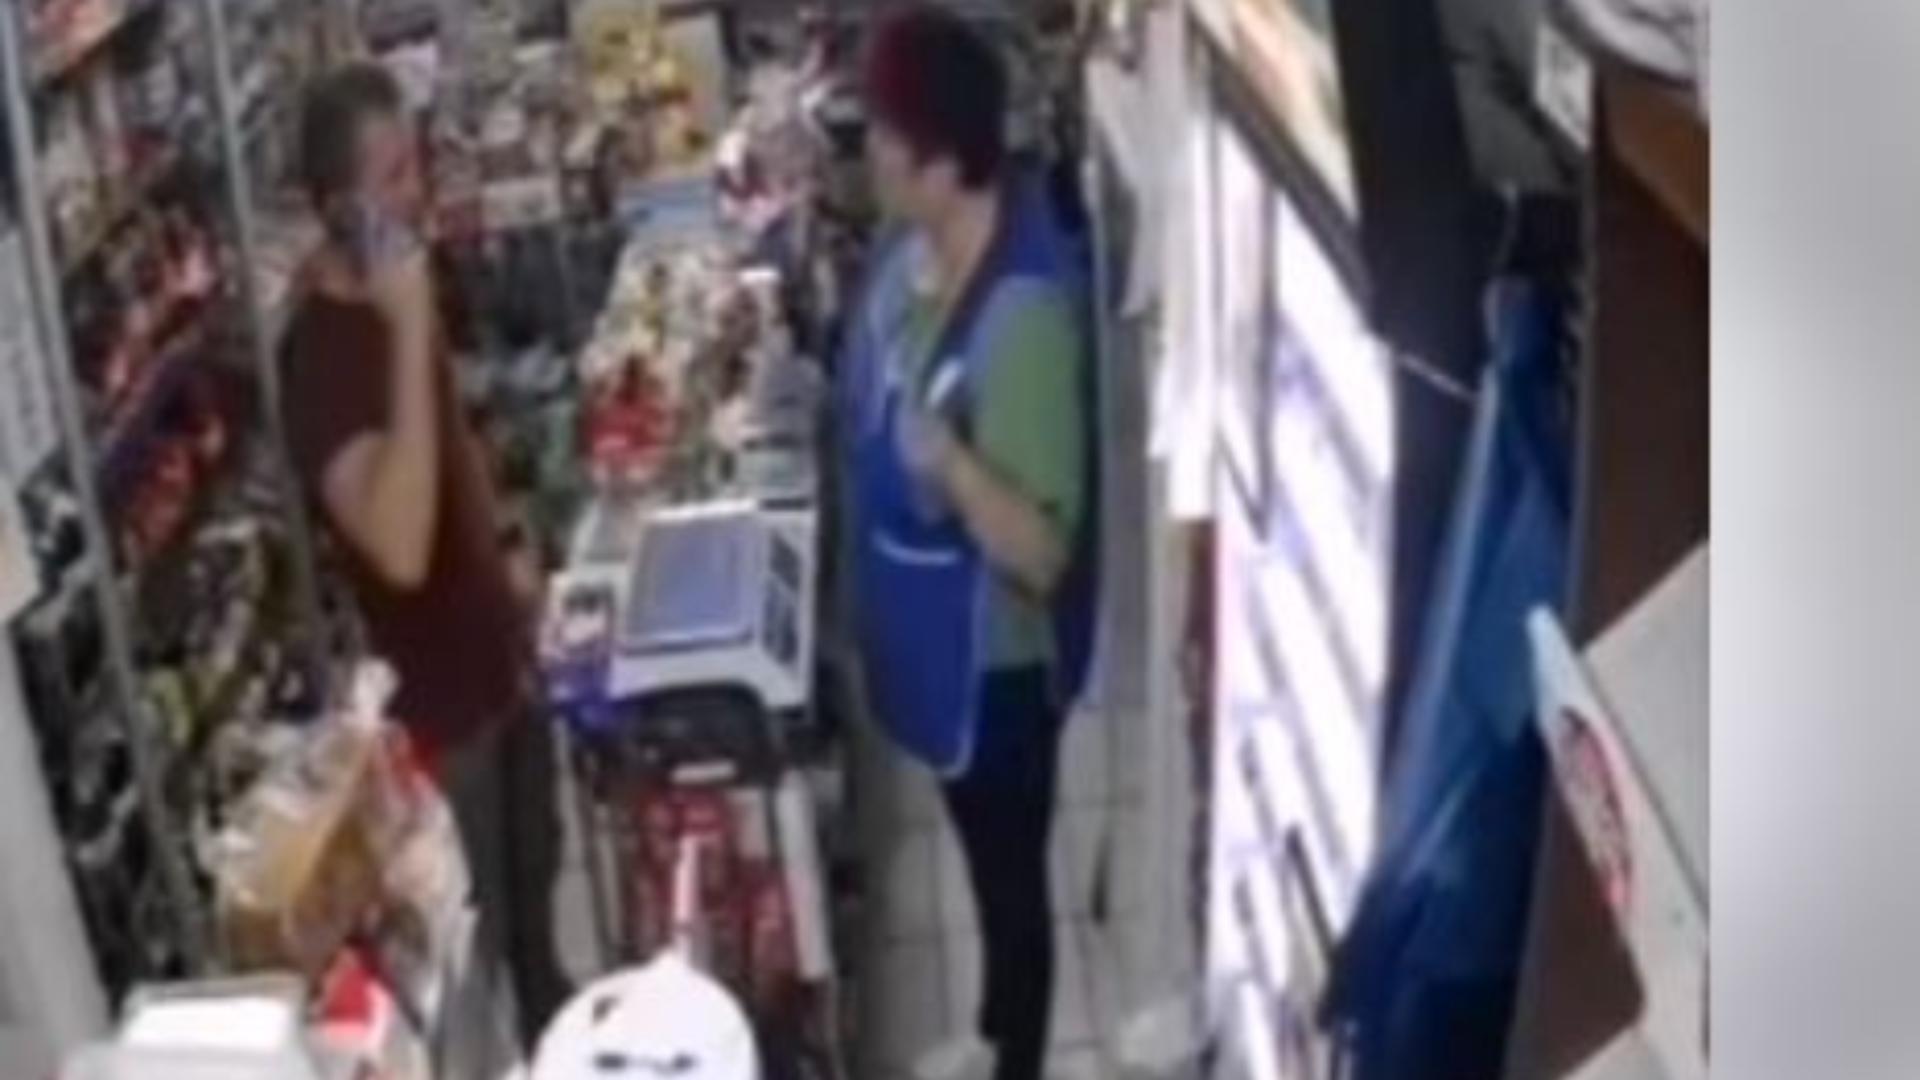 Momentul în care un bărbat a încercat să cumpere un pachet de ţigări cu o bancnotă falsă. Captură video